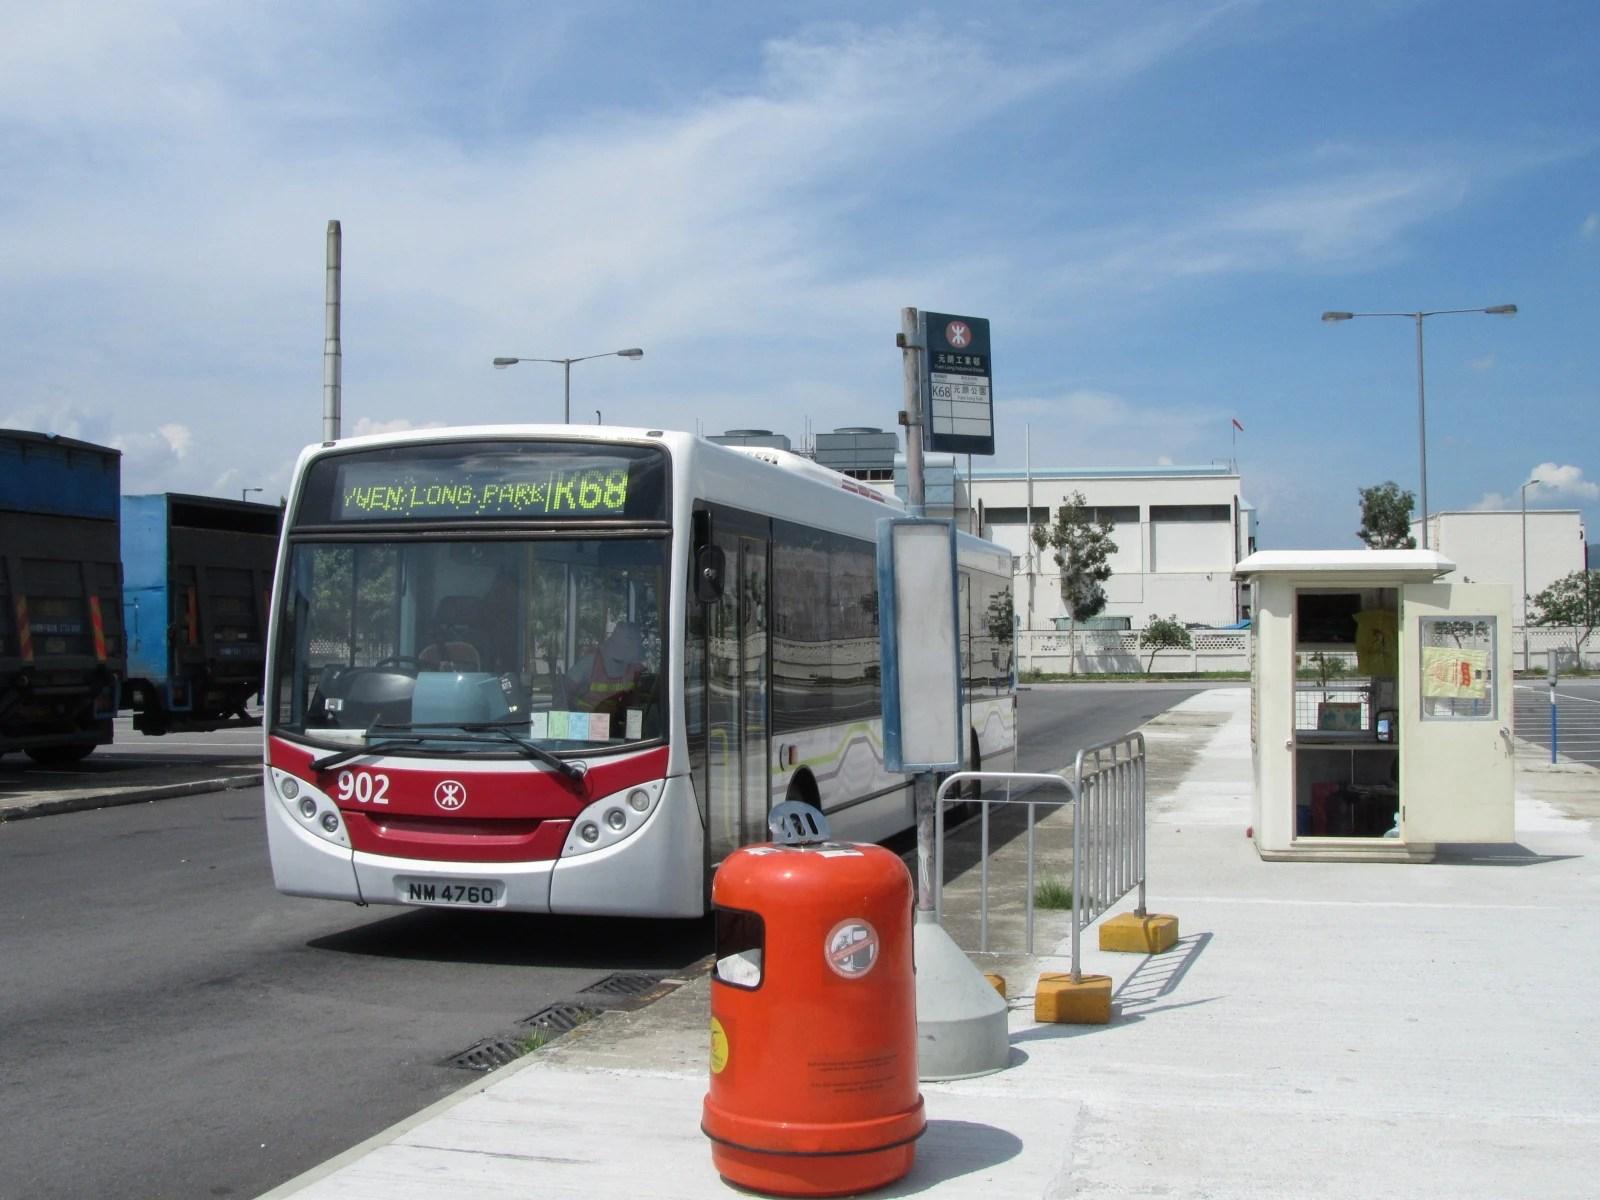 元朗工業邨總站 - 香港巴士大典